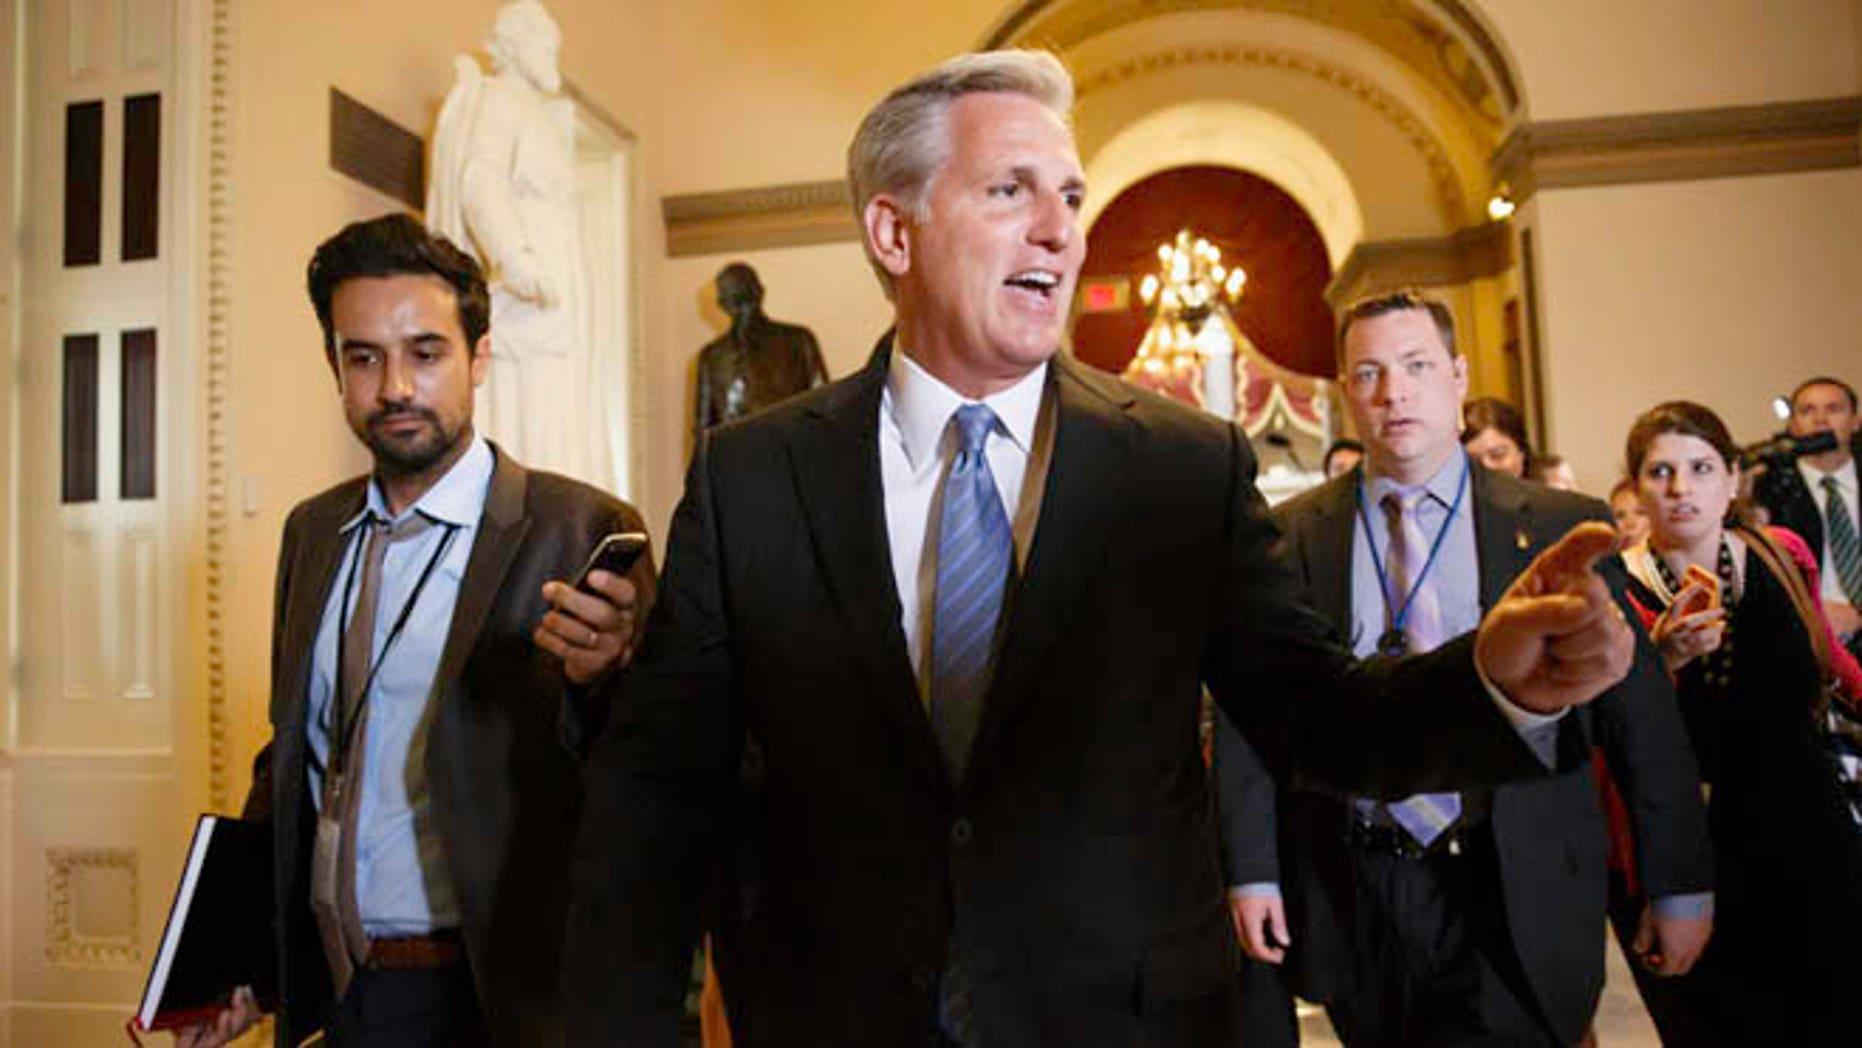 June 11, 2014: House Majority Whip Kevin McCarthy leaves House Speaker John Boehner's office on Capitol Hill in Washington.